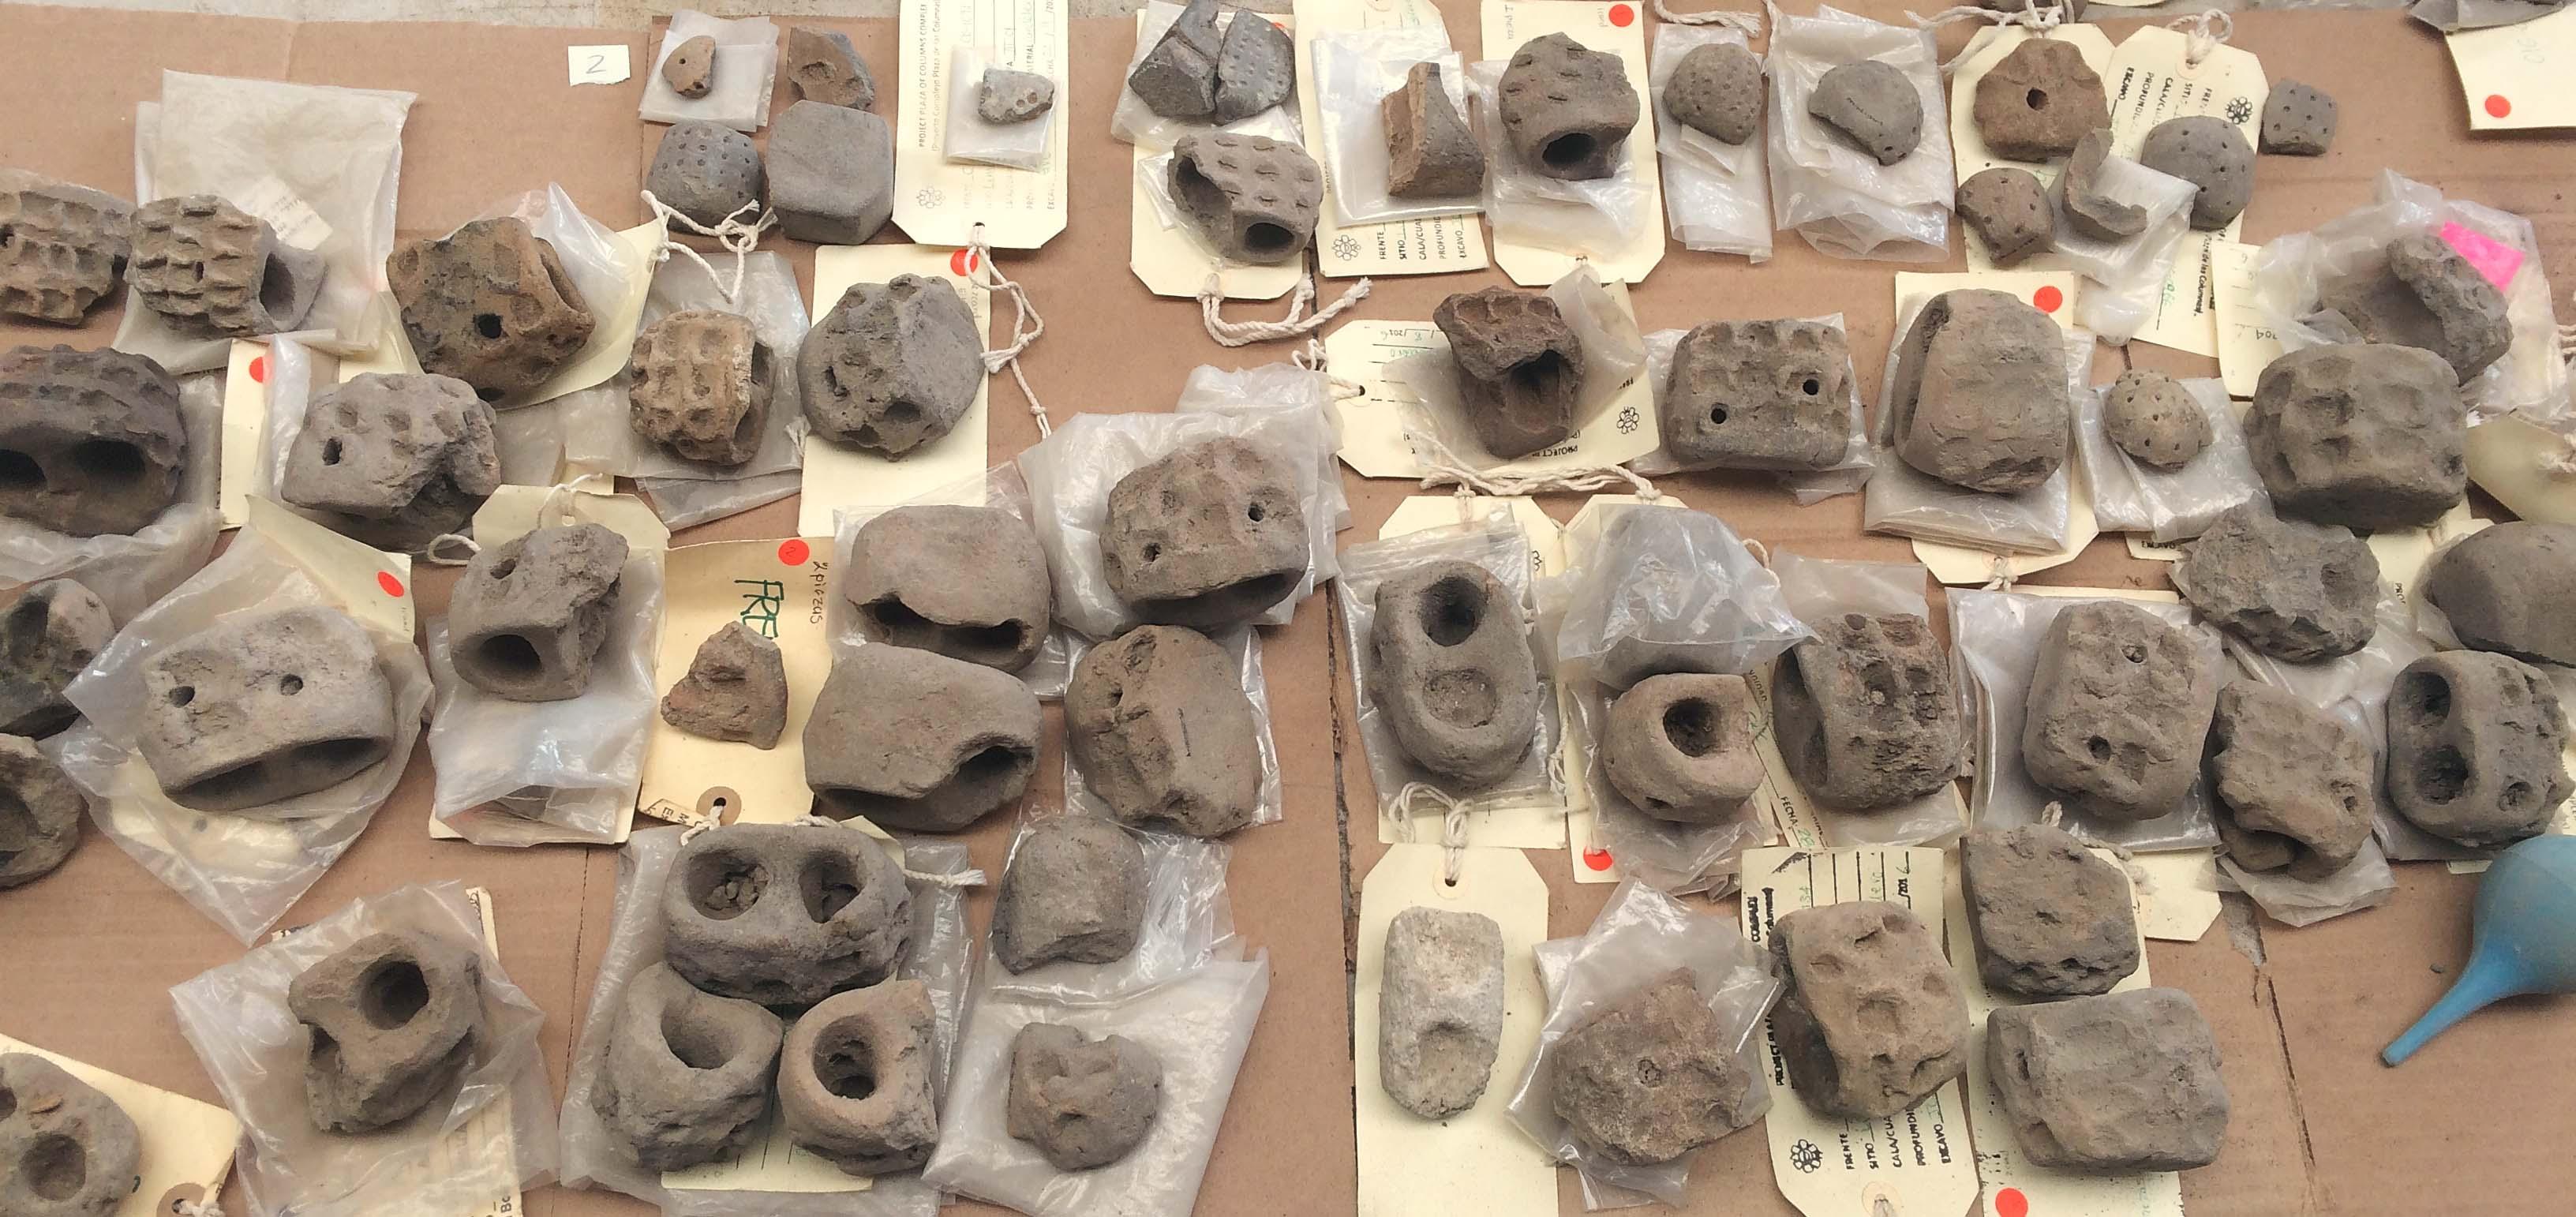 ¿Qué se puede saber con el análisis de la cerámica?